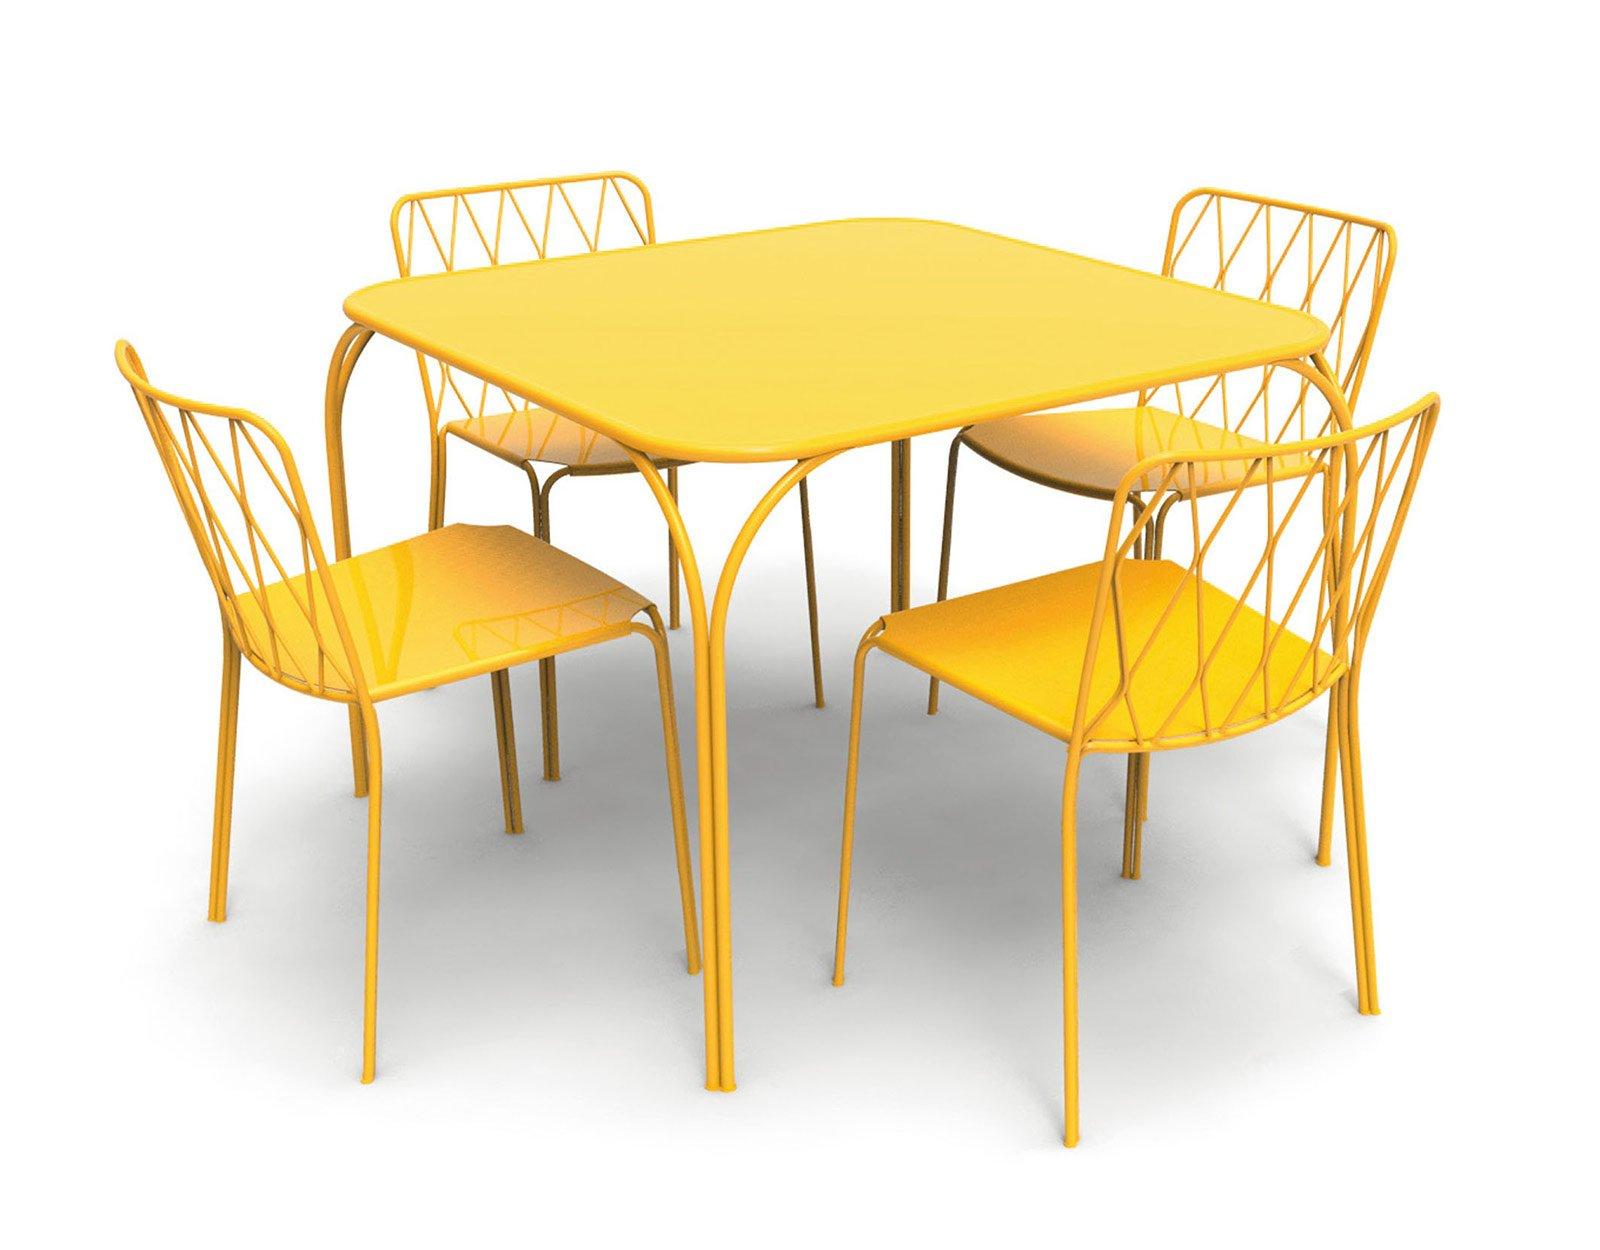 Far salotto in giardino o in terrazzo cose di casa for Tavolo e sedie terrazzo